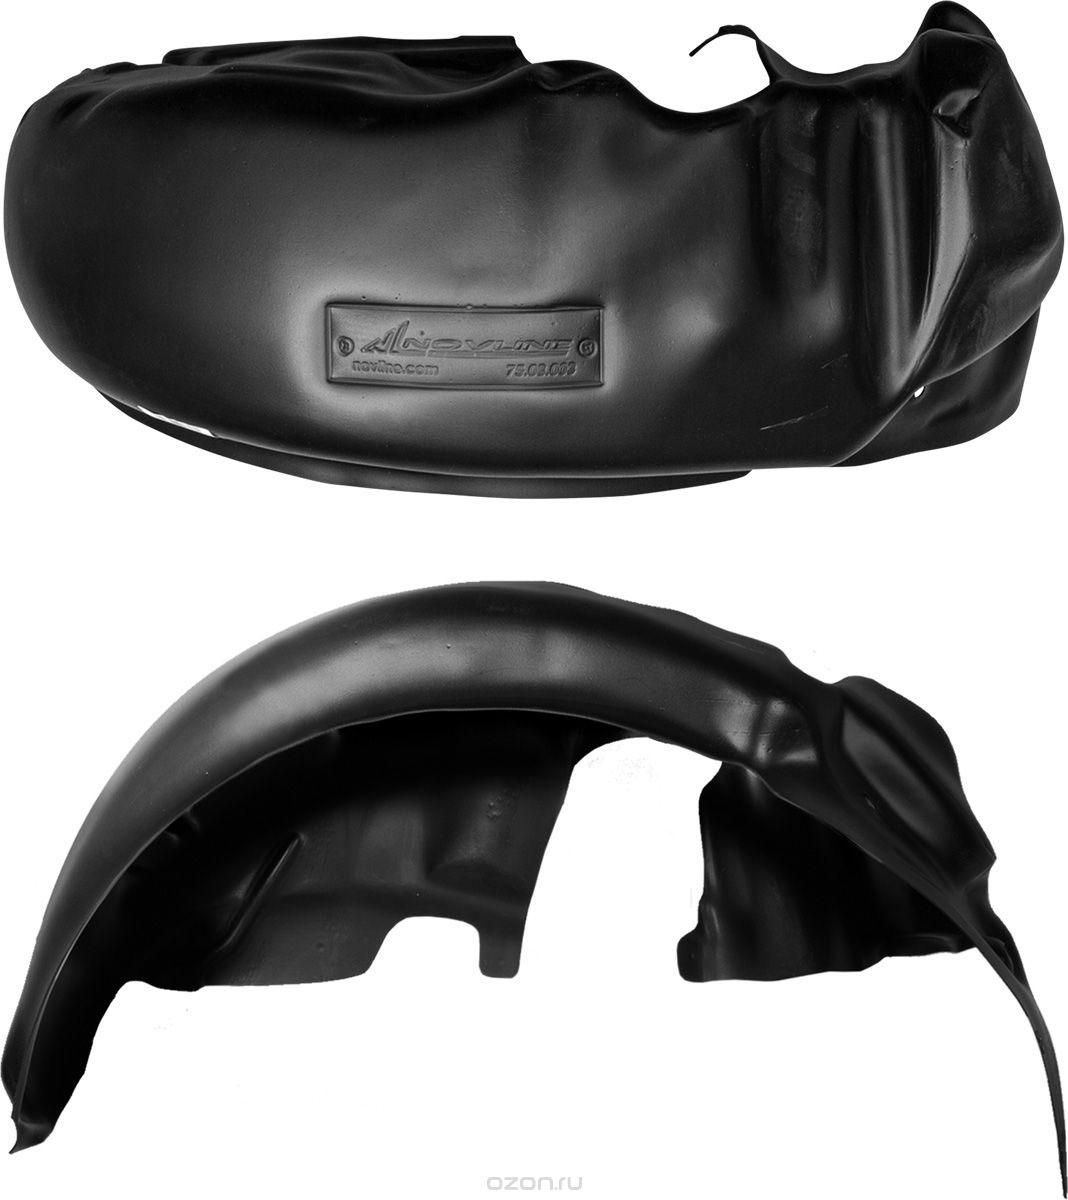 Подкрылок Novline-Autofamily, для DAEWOO Nexia 1995-2007, 2007->, задний правый002104Идеальная защита колесной ниши. Локеры разработаны с применением цифровых технологий, гарантируют максимальную повторяемость поверхности арки. Изделия устанавливаются без нарушения лакокрасочного покрытия автомобиля, каждый подкрылок комплектуется крепежом. Уважаемые клиенты, обращаем ваше внимание, что фотографии на подкрылки универсальные и не отражают реальную форму изделия. При этом само изделие идет точно под размер указанного автомобиля.